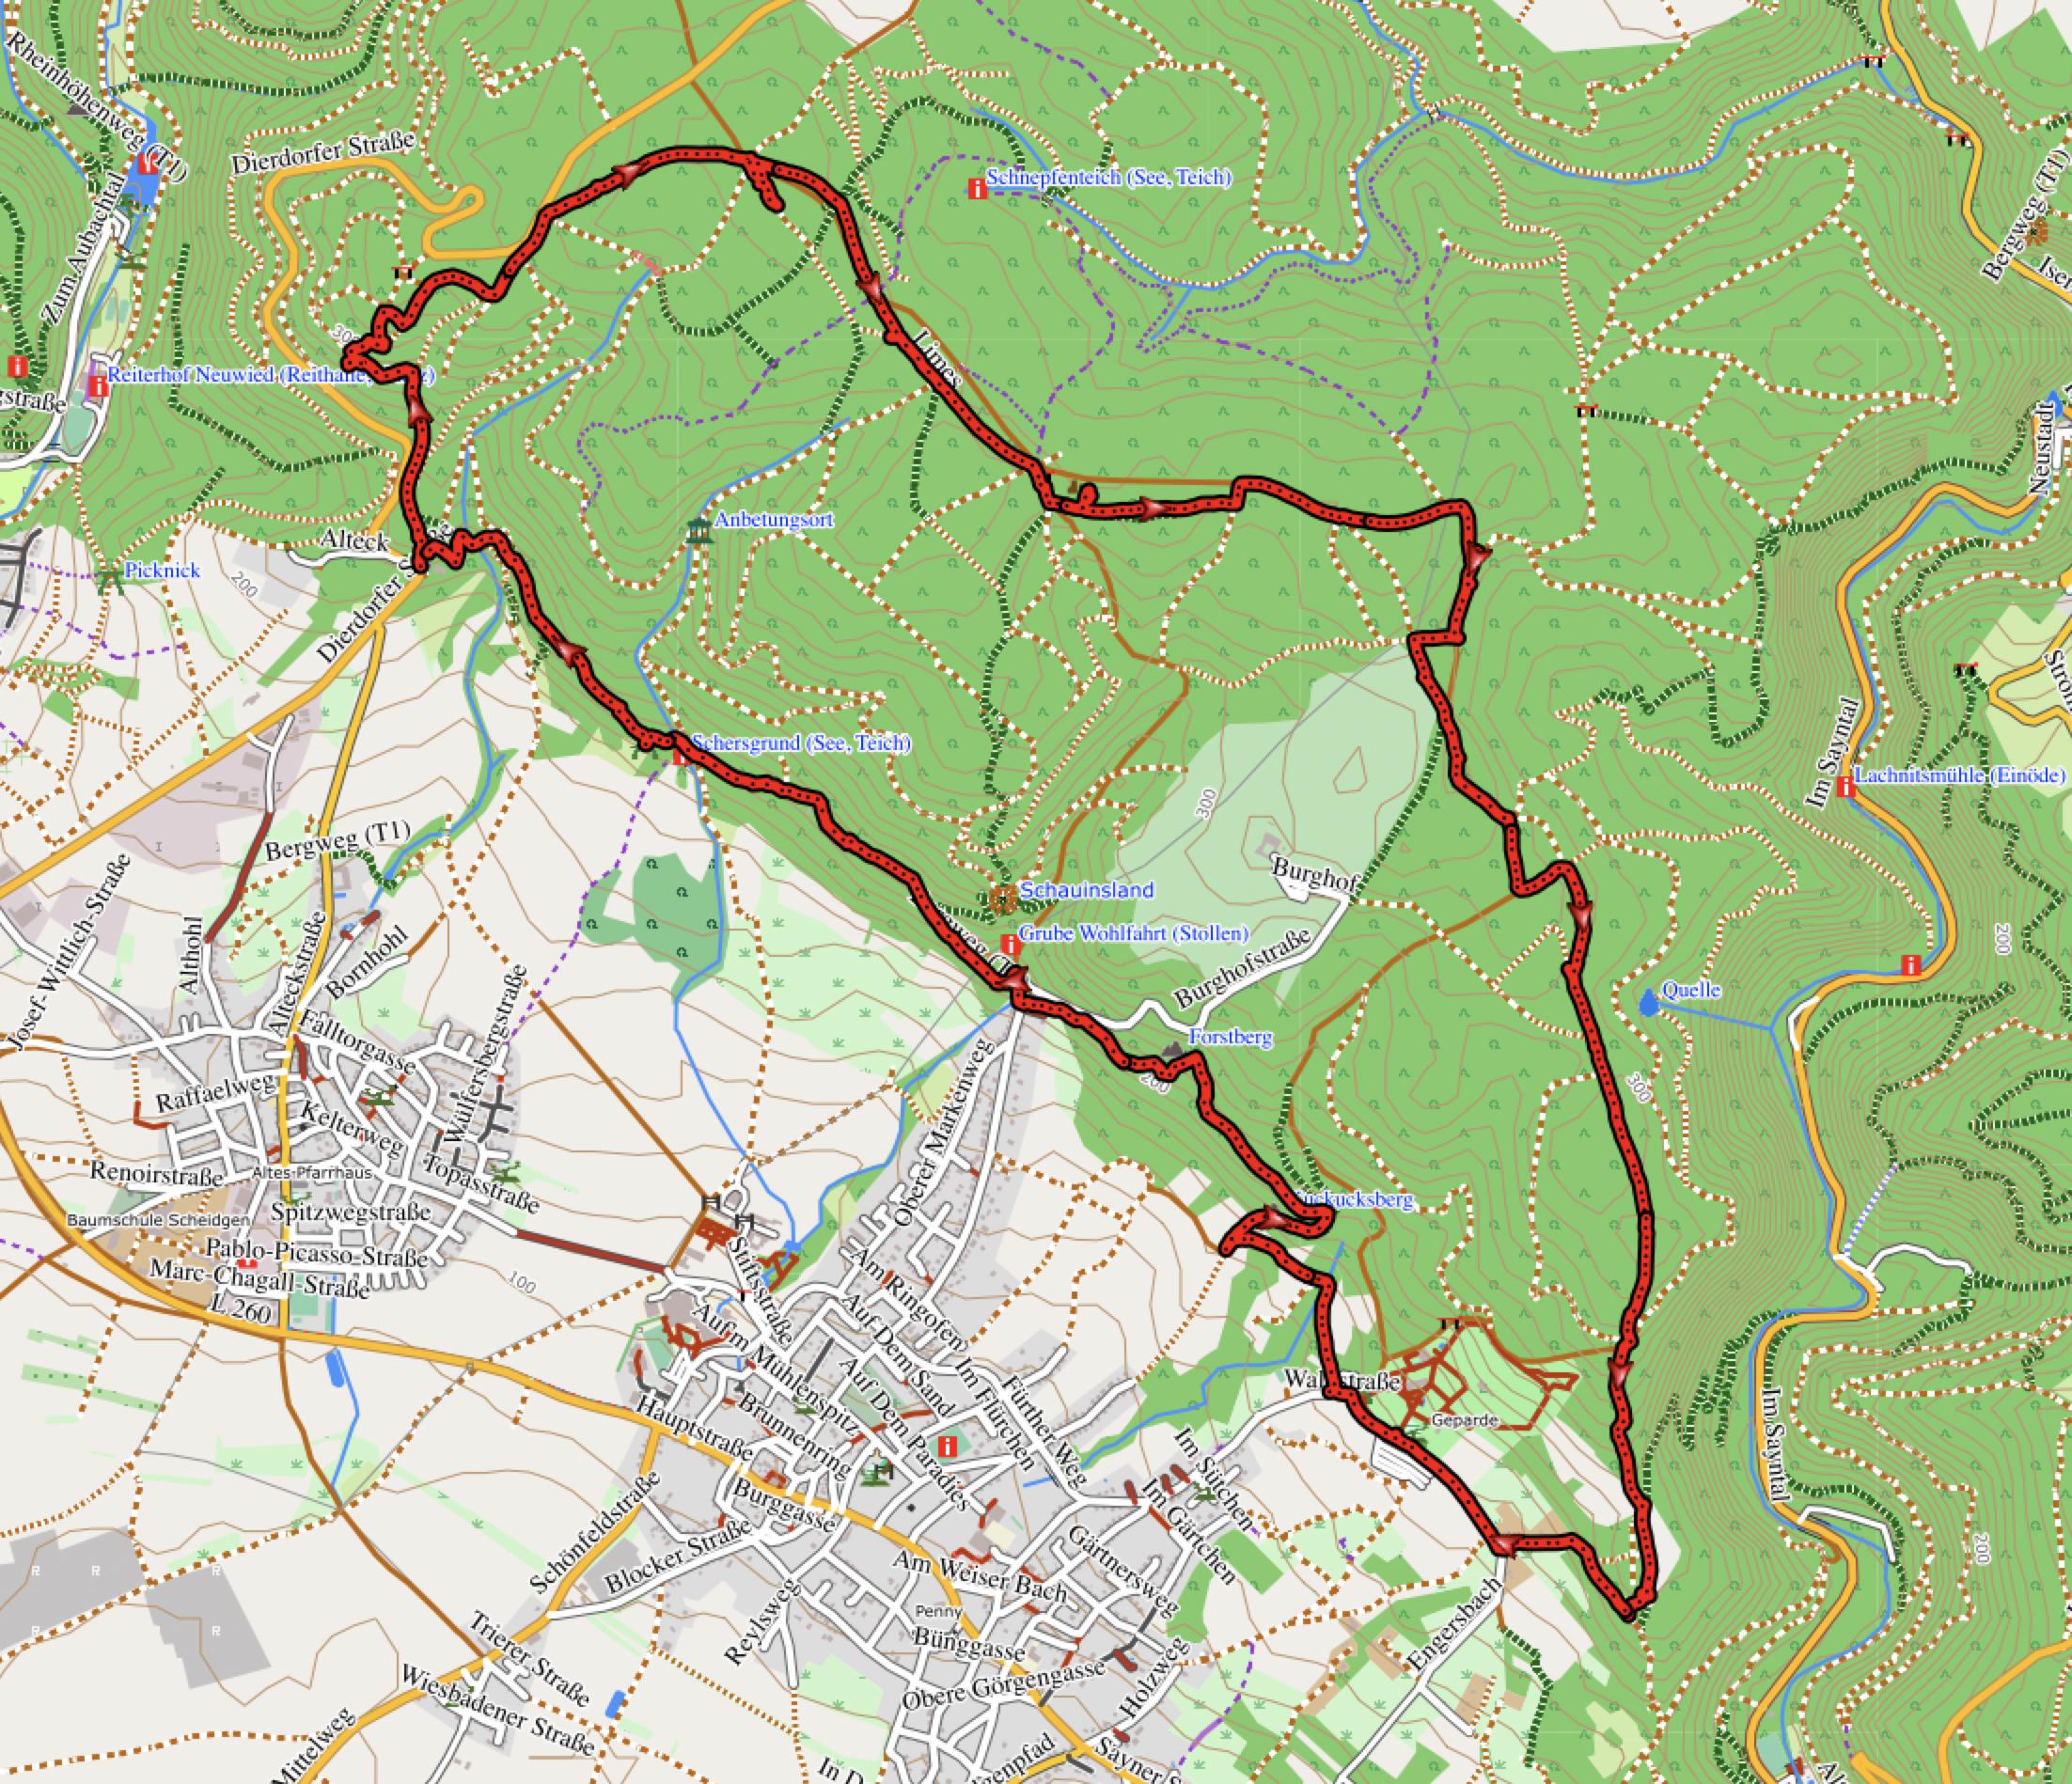 GPXTrack 9 km Rundwanderung zu den mystischen Basaltkugeln, Skulpturen und zur Wasserschloss Ruine